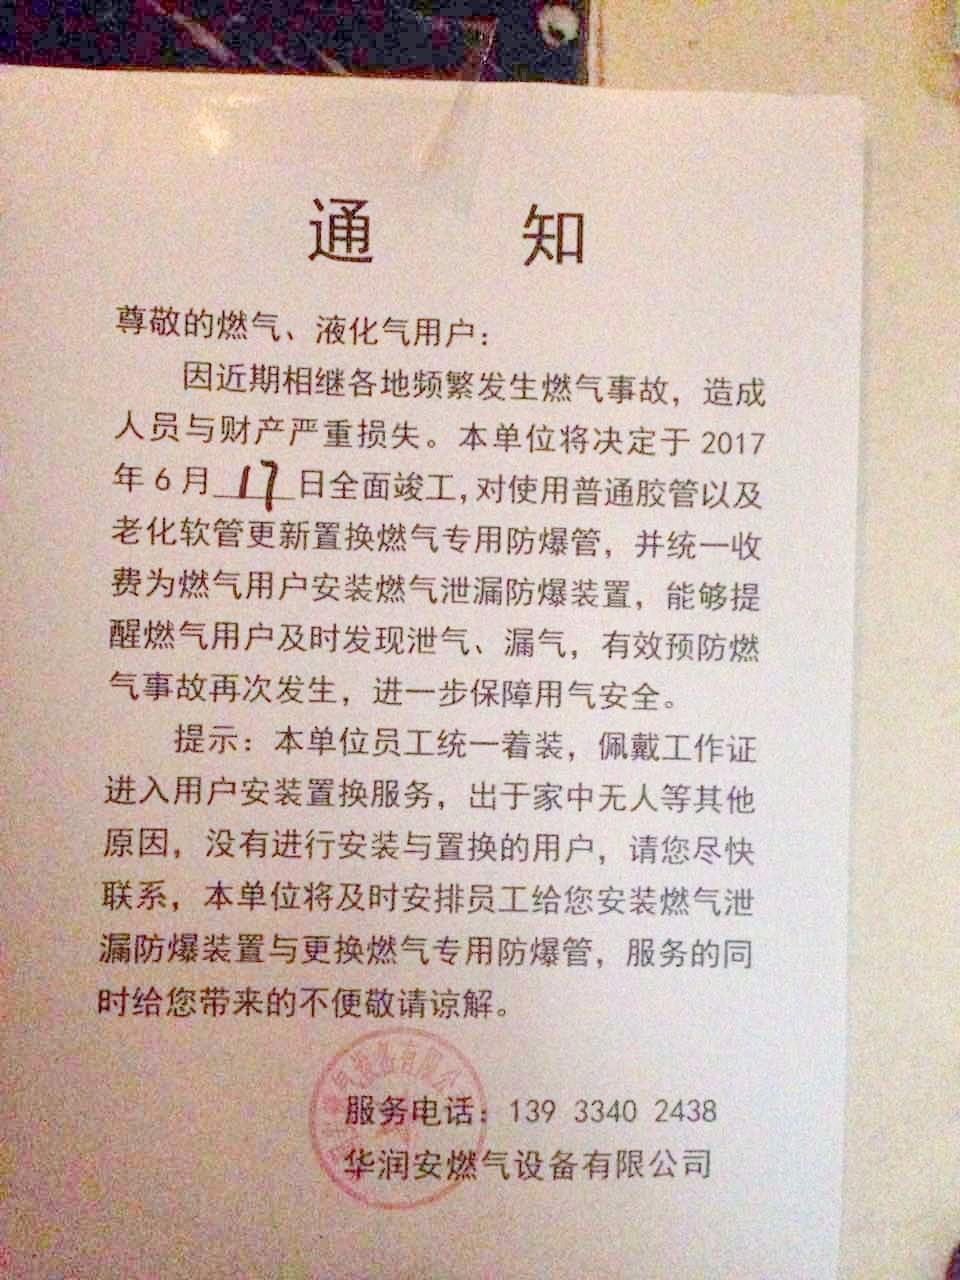 唐山鹭港小区:燃气公司统一收费安装燃气泄漏防爆装置?真的假的?